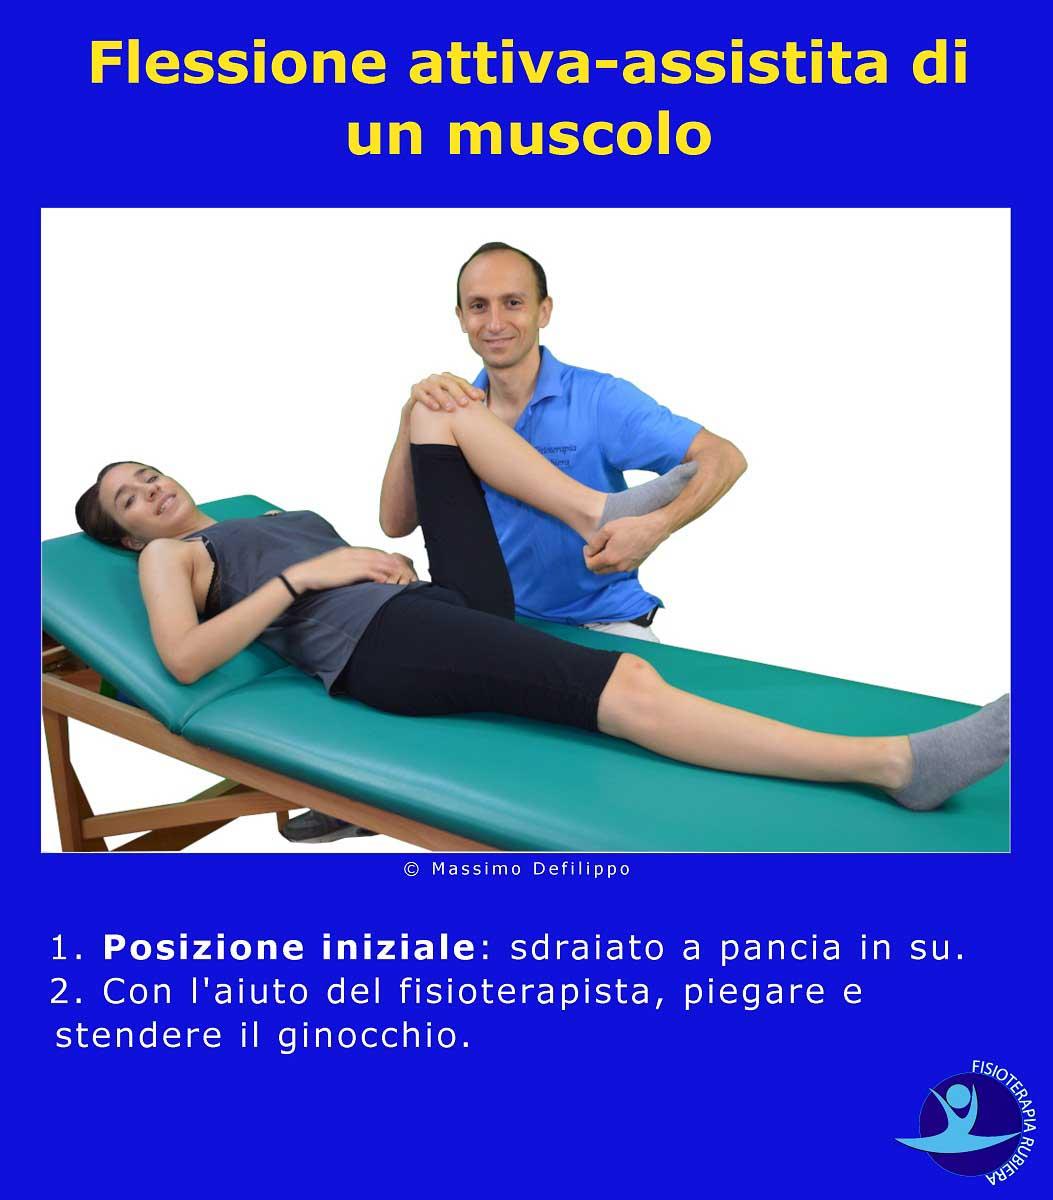 Flessione attiva-assistita-ginocchio